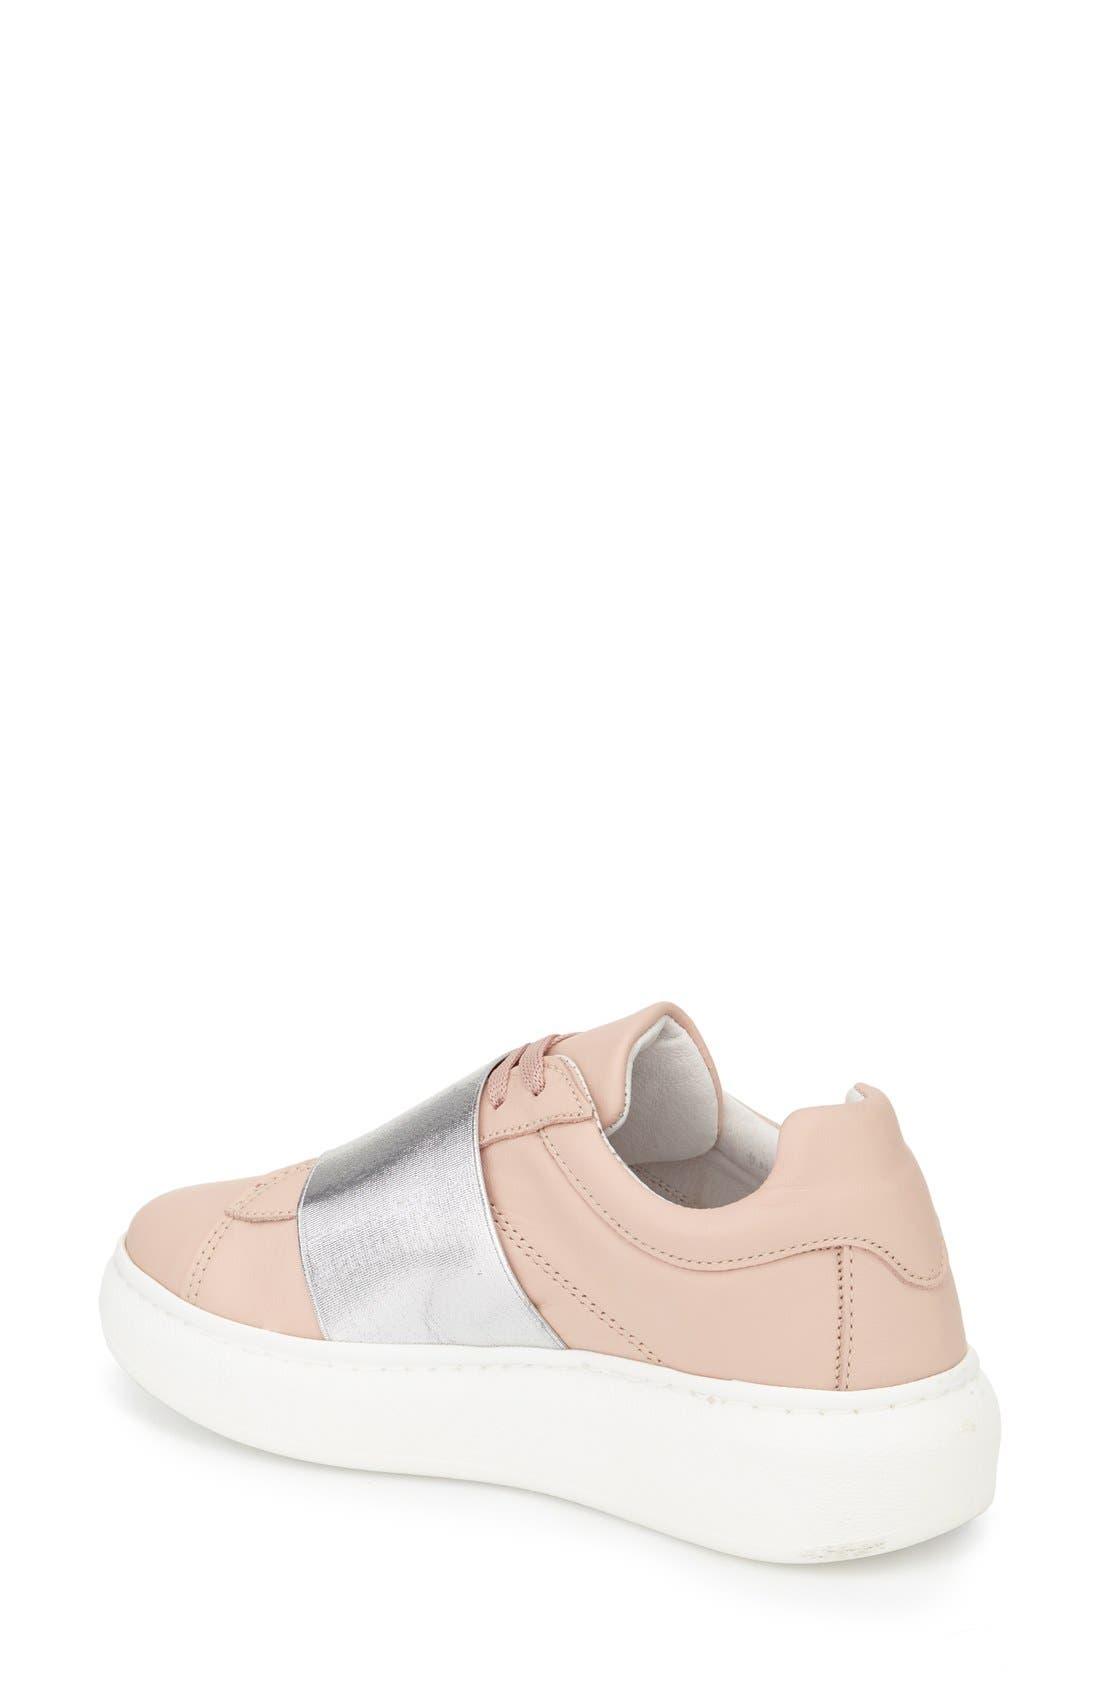 Turin Metallic Strap Platform Sneaker,                             Alternate thumbnail 2, color,                             Pink Multi